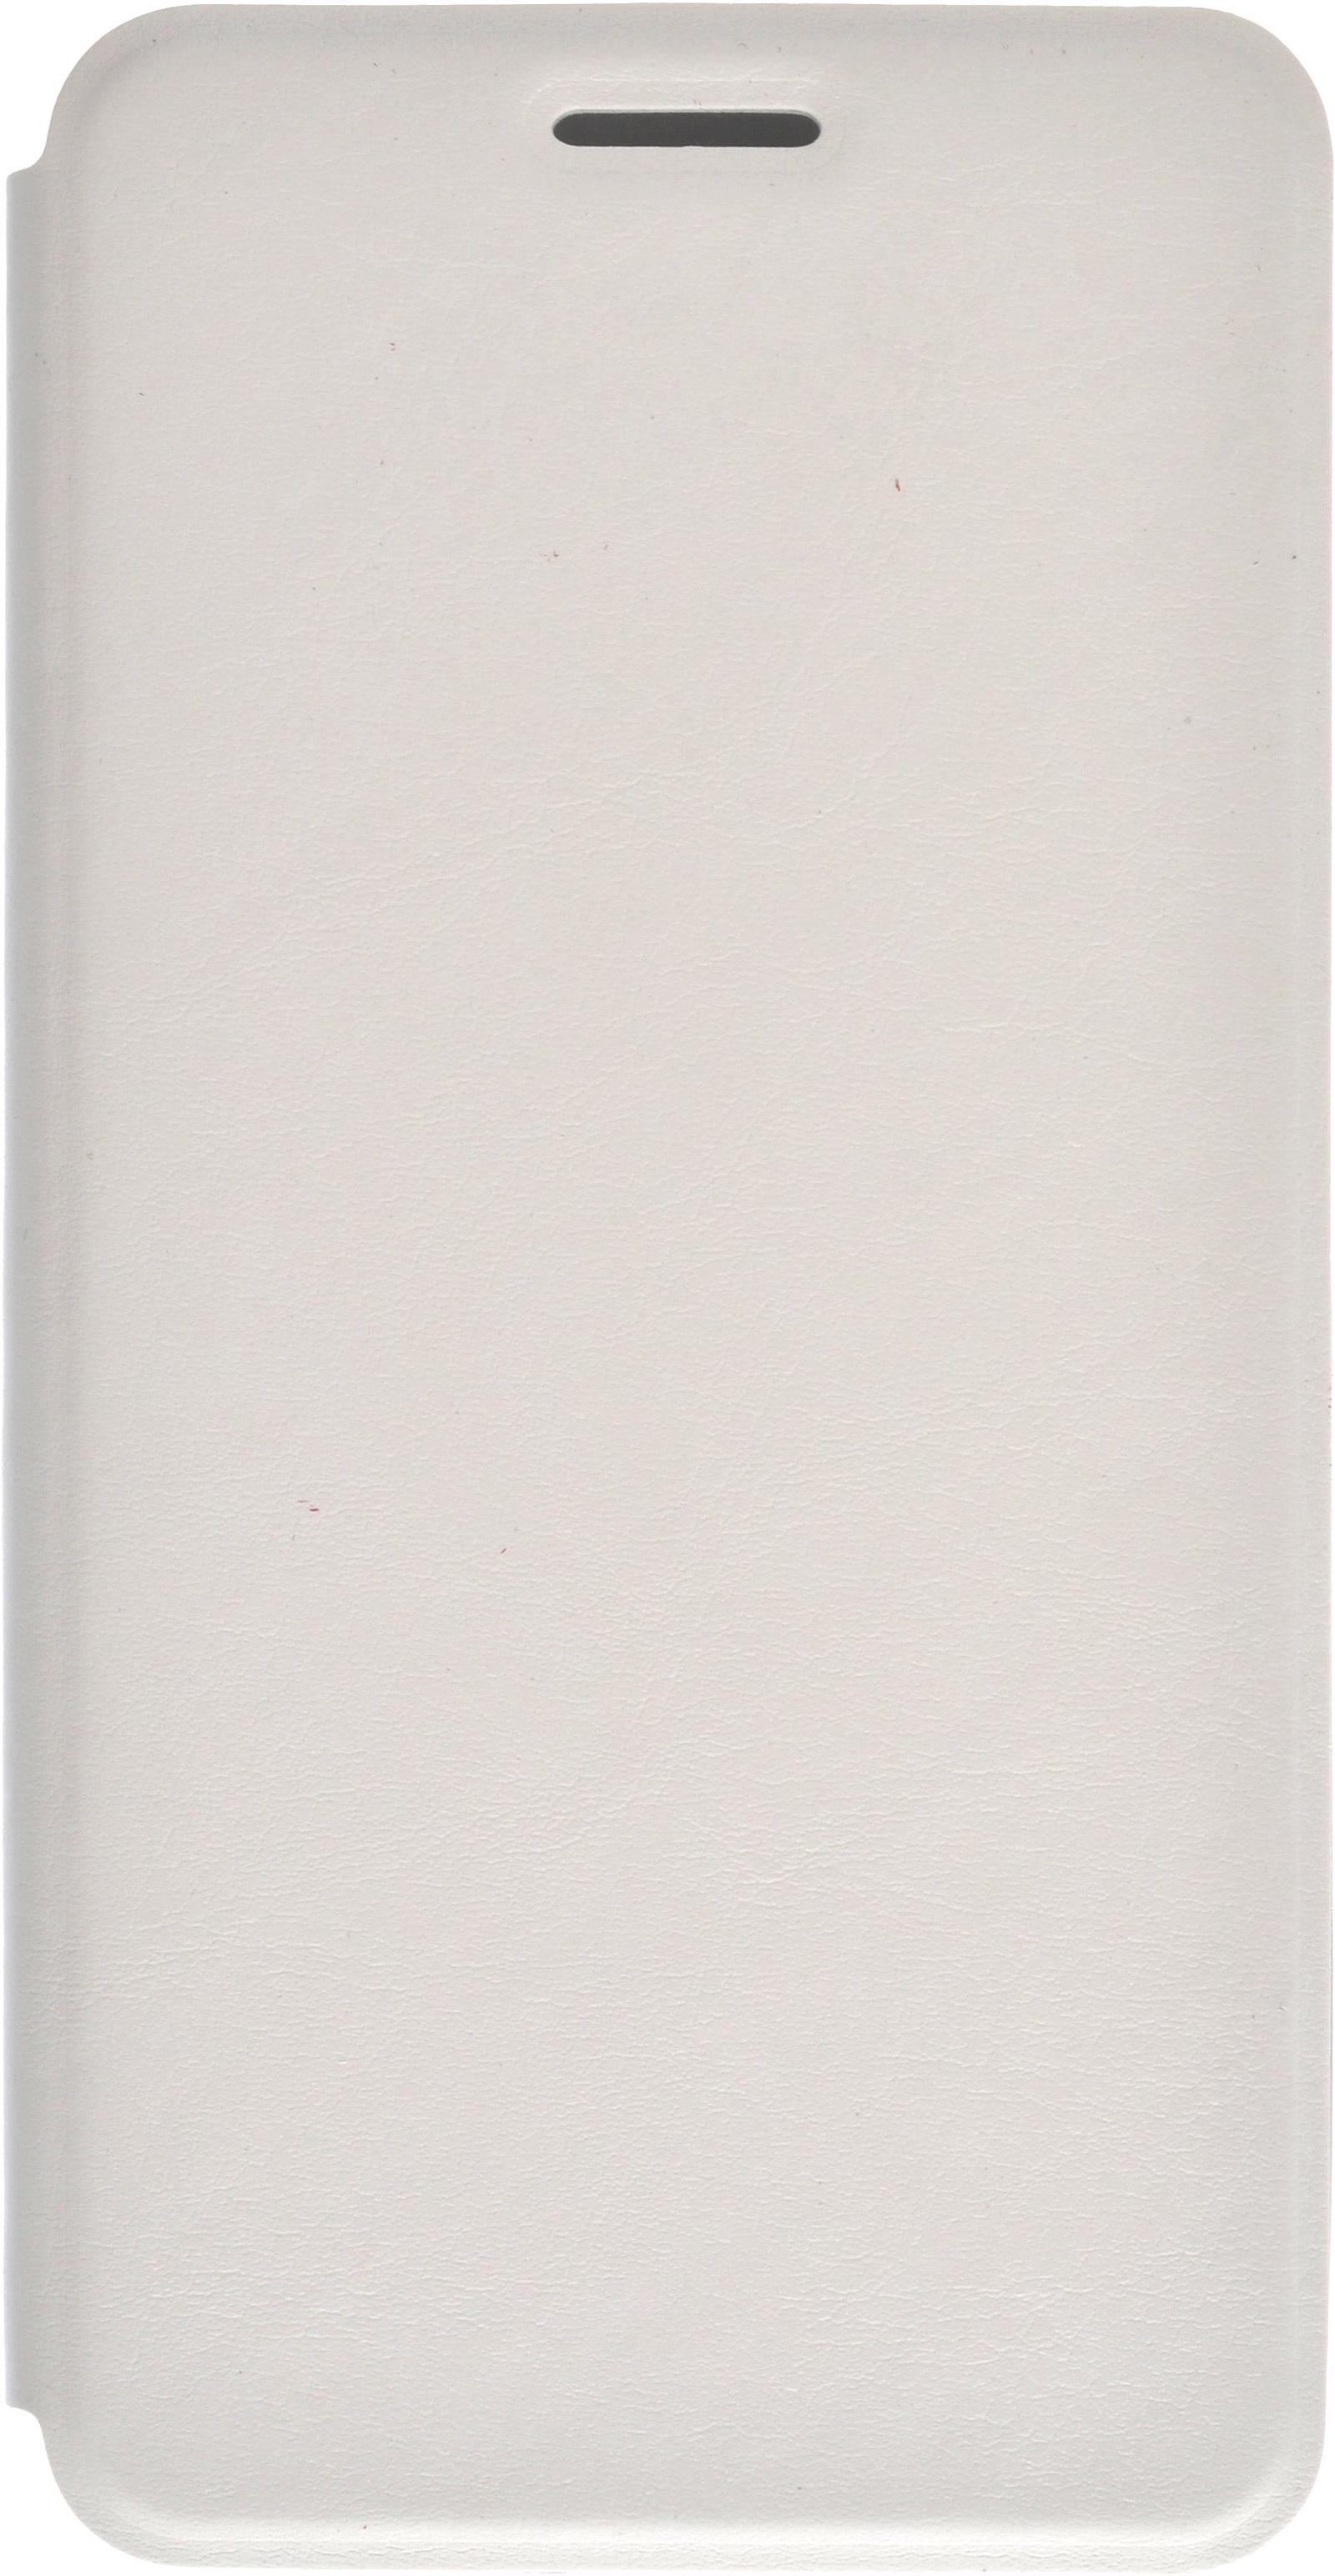 Чехол для сотового телефона skinBOX Lux, 4630042527294, белый чехол книжка для microsoft lumia 532 с магнитной застежкой золотой armor m